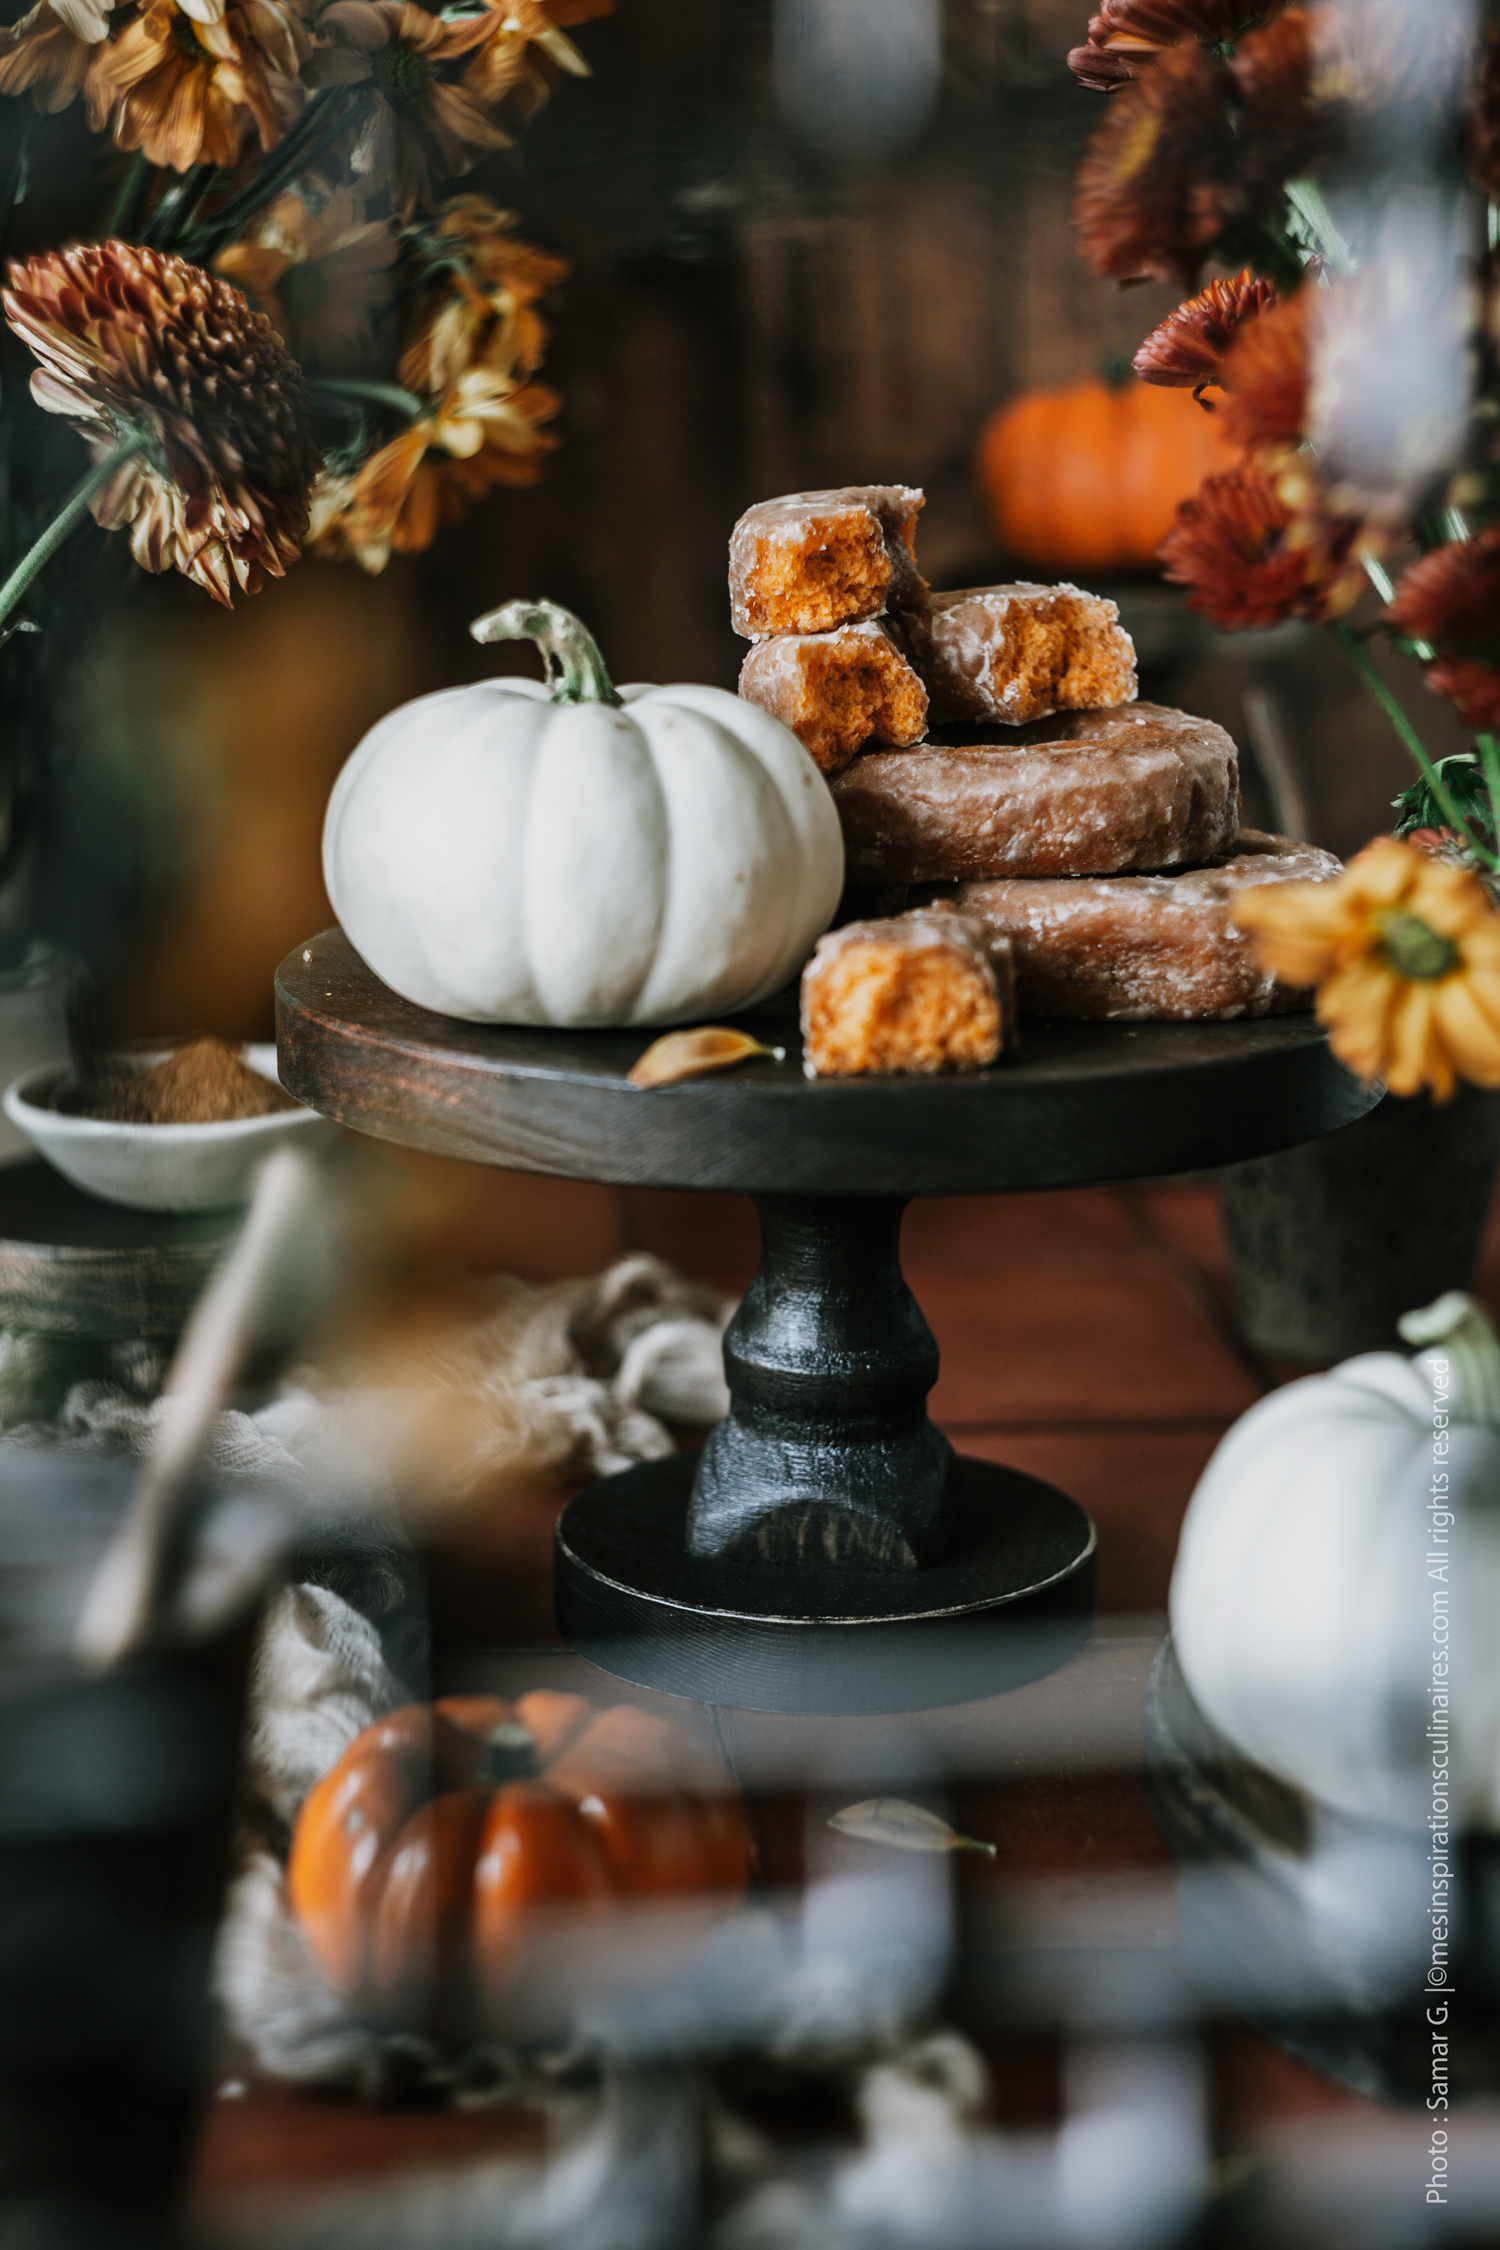 recette donut a la citrouille (pumpkin)